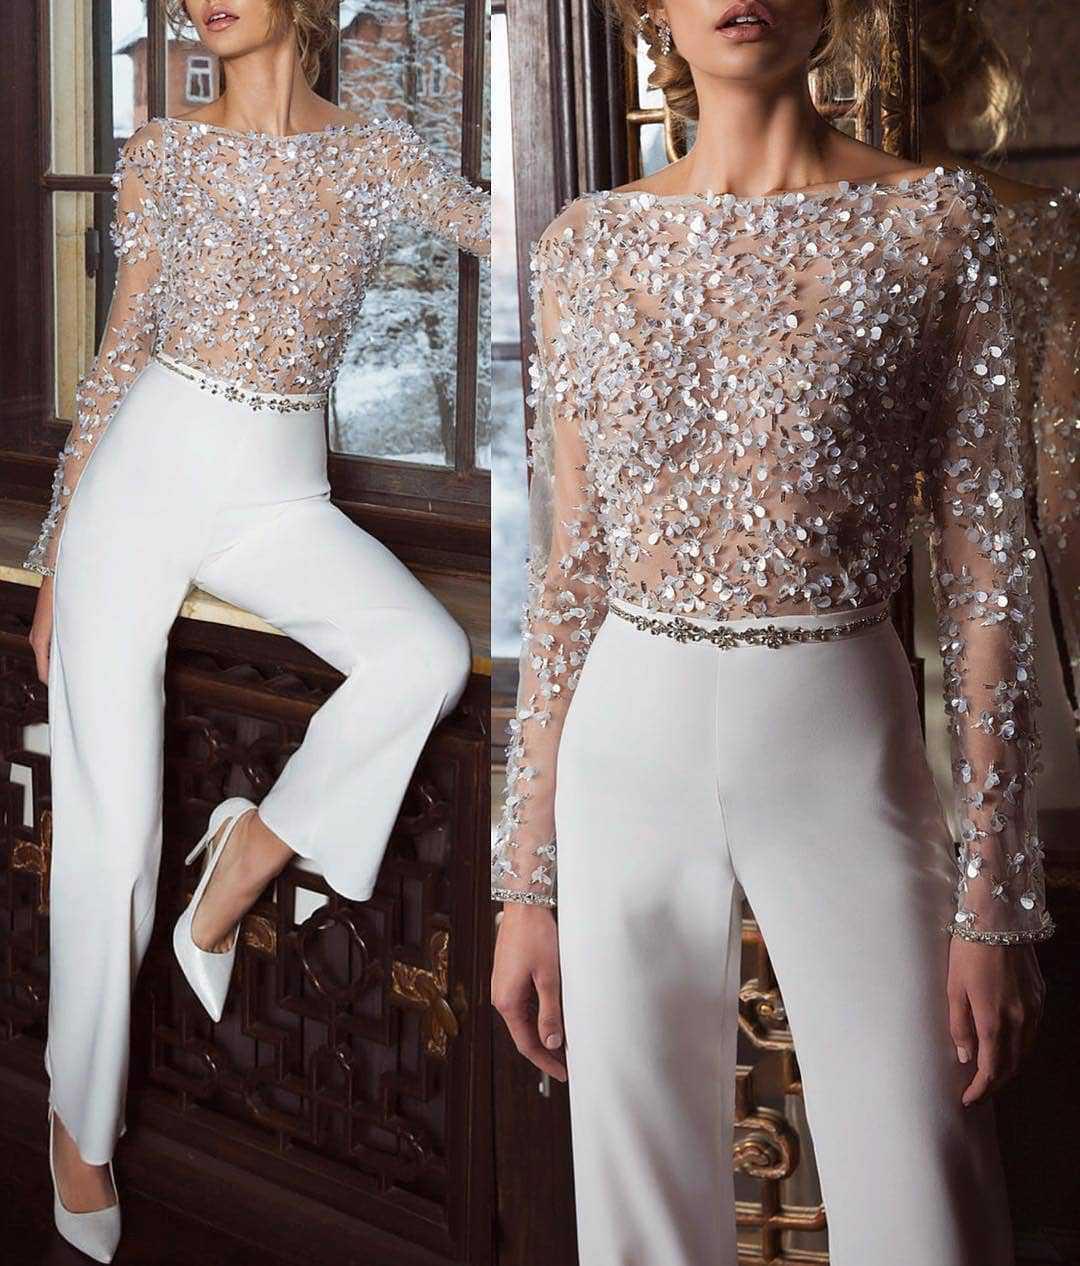 Европейский Летний Новый простой элегантный OL сетчатый трехмерный цветочный прошитый комбинезон женские игровые костюмы модная уличная одежда 2020